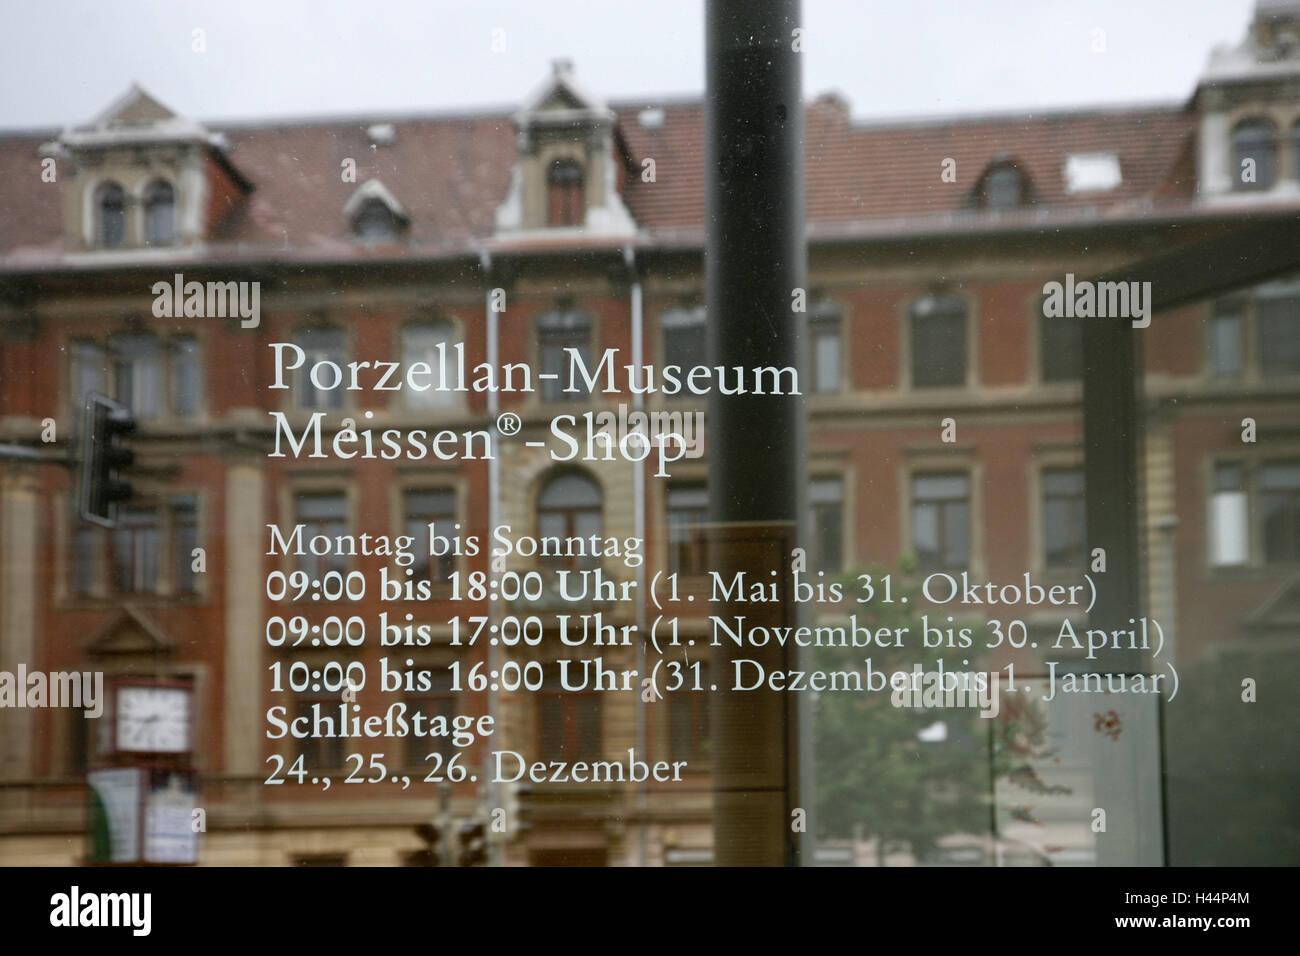 Alemania, Sajonia, porcelana de Meissen, la fabricación, el rango de entrada, ventana, horas de apertura, puerta Imagen De Stock